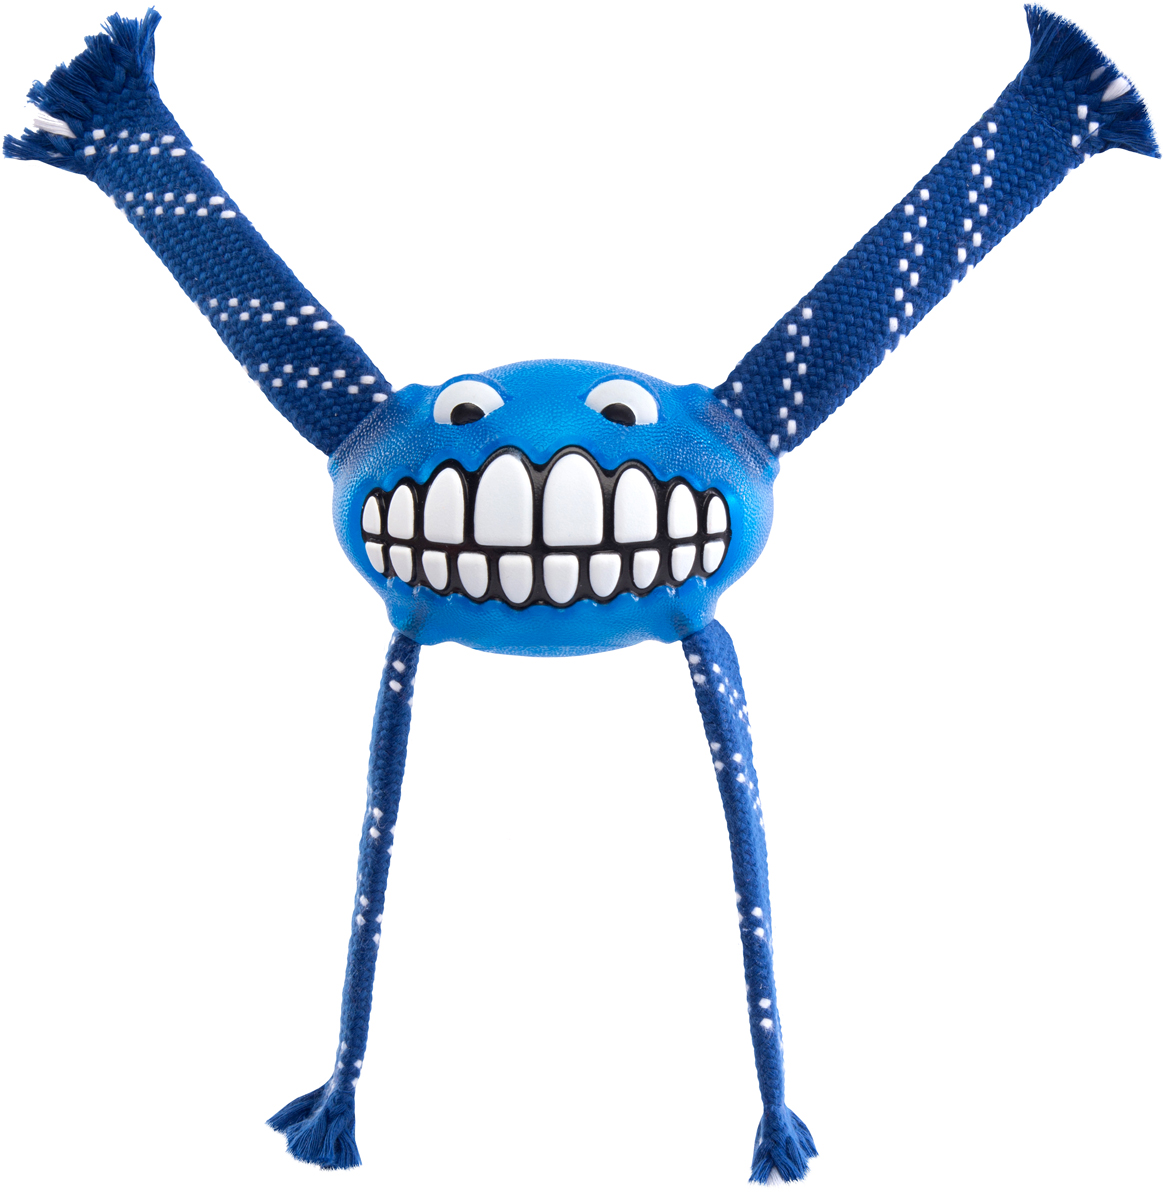 Игрушка для собак Rogz Flossy Grinz. Зубы, цвет: синий, длина 24 см0120710Игрушка для собак Rogz Flossy Grinz. Зубы типа Отними - очень прочная и крепкая.Внутри – пищалка, что поддерживает интерес животного к игре..Уникальная функция игрушки - чистит язык и зубы.